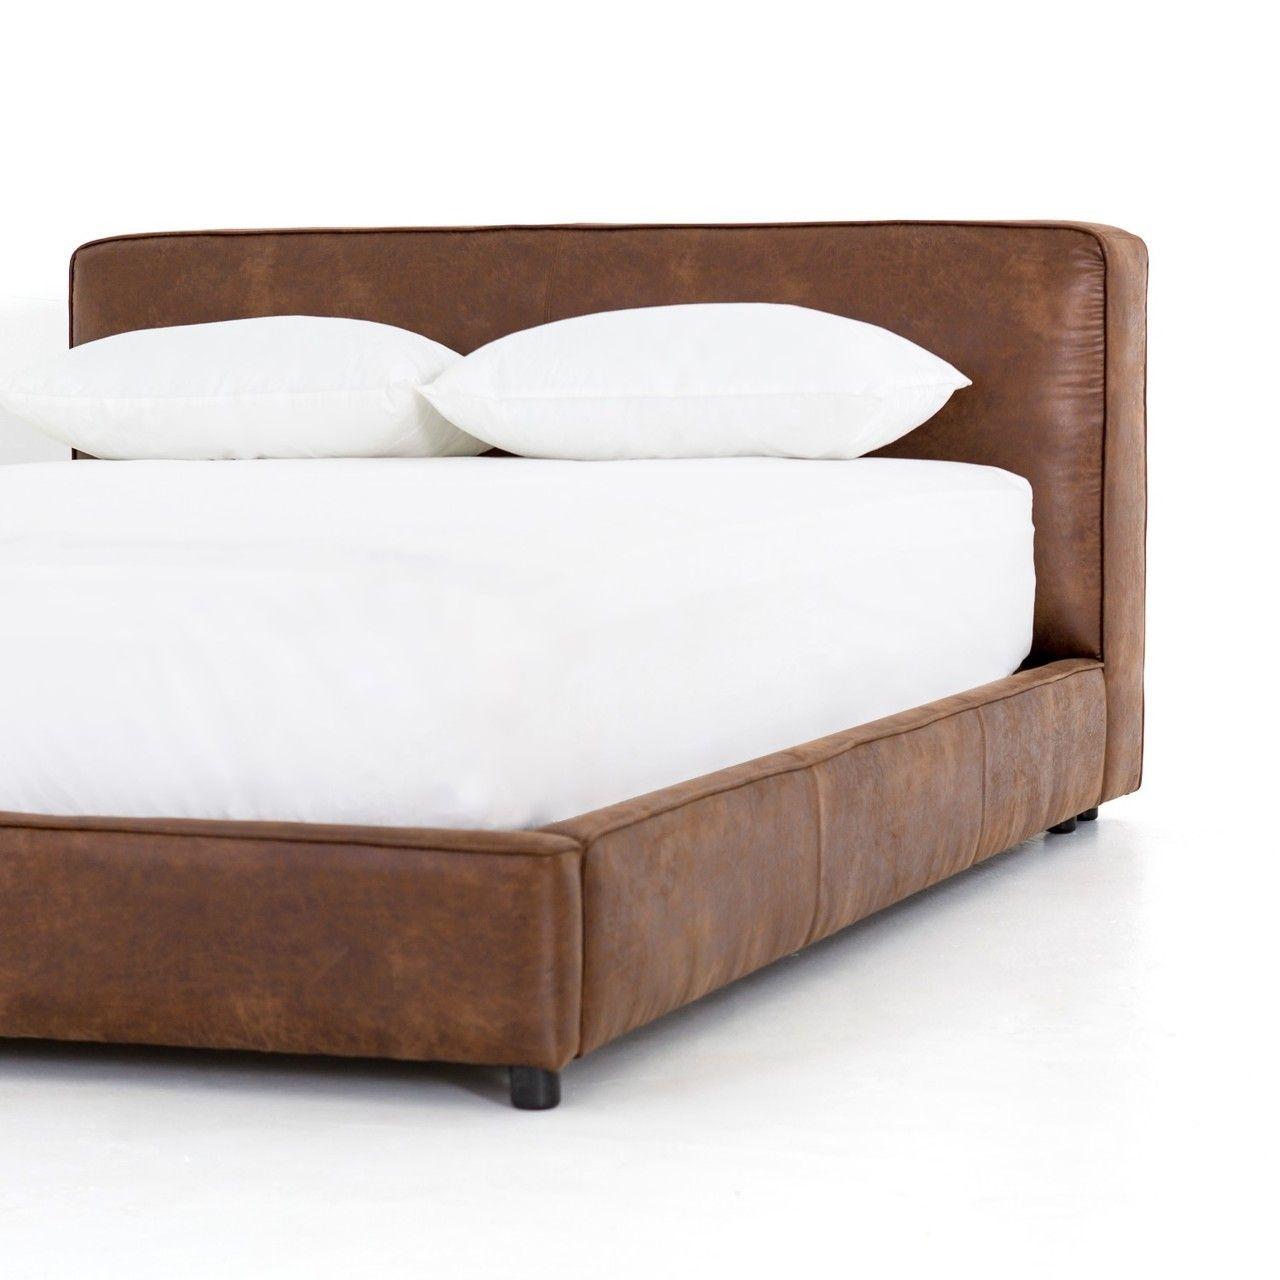 Aidan Low Profile Leather King Platform Bed Frame In 2020 King Platform Bed Frame King Platform Bed Leather Platform Bed